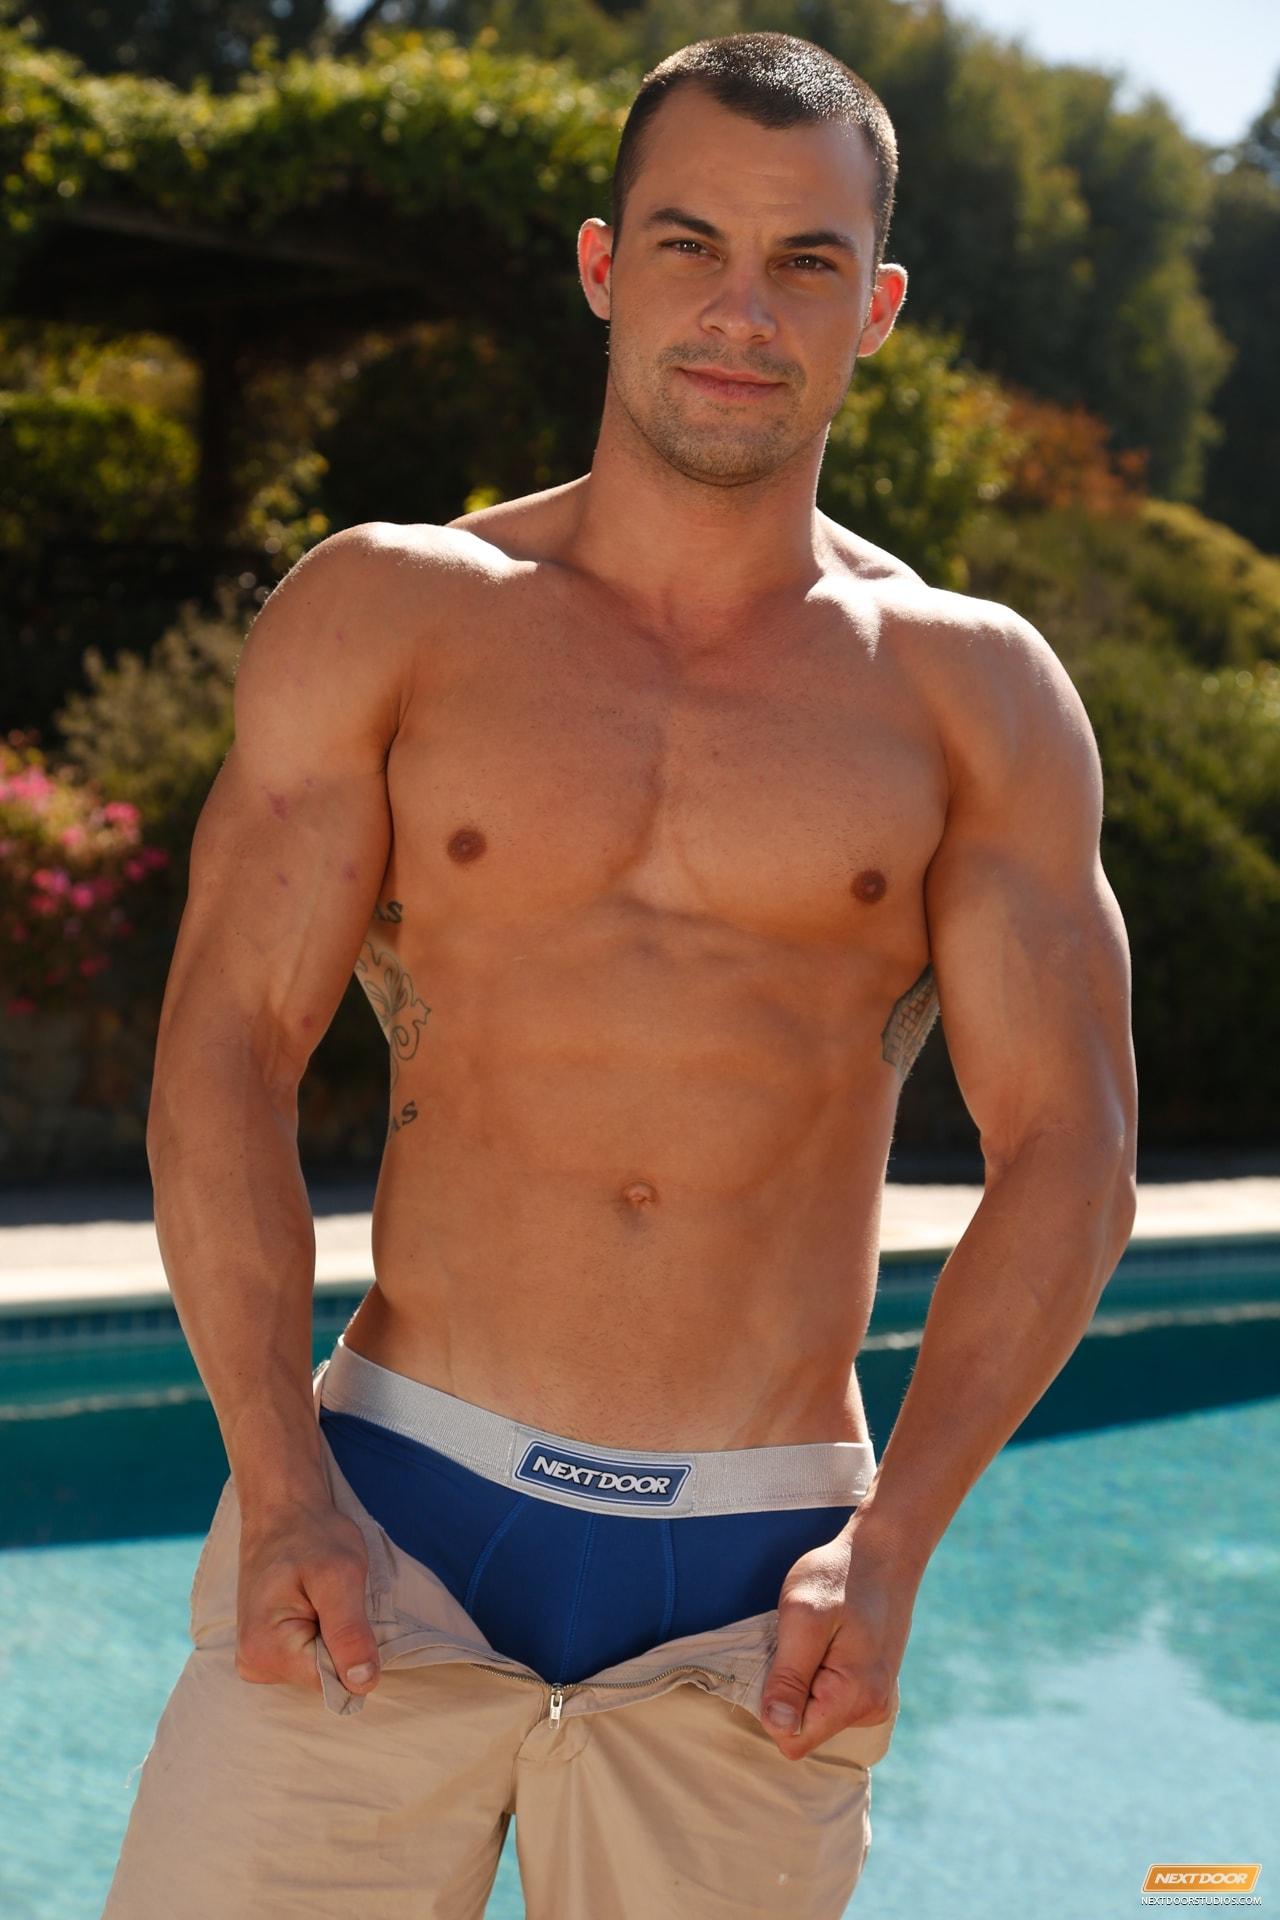 Hot naked muscle boy next door